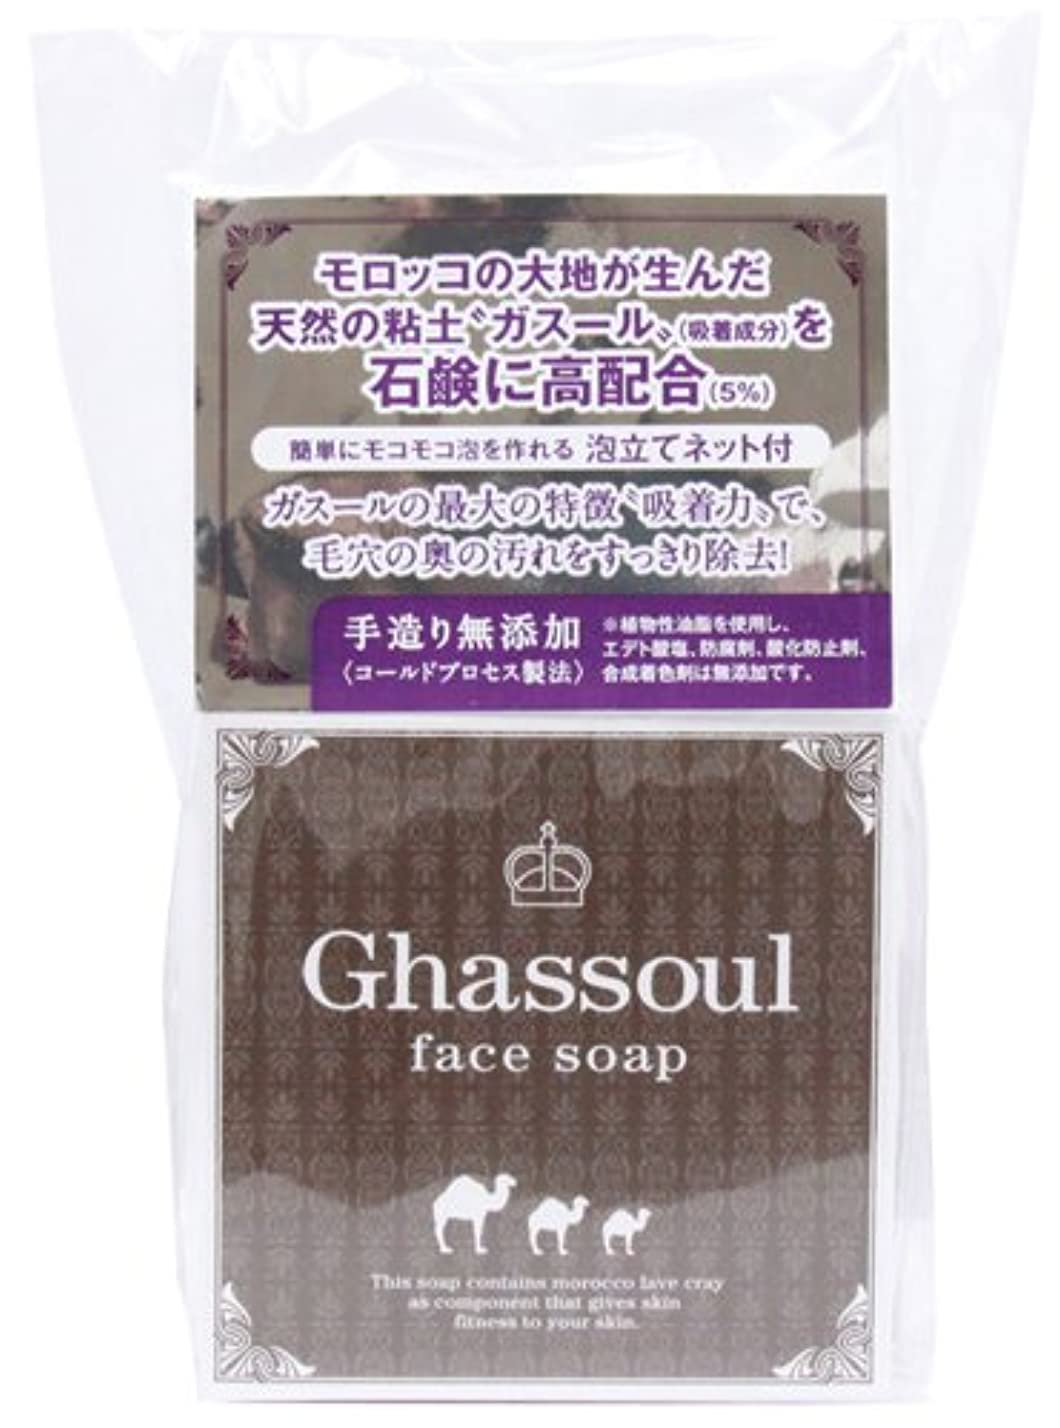 劇場入植者委員会進製作所 Ghassoul face soap ガスールフェイスソープ 洗顔 100g